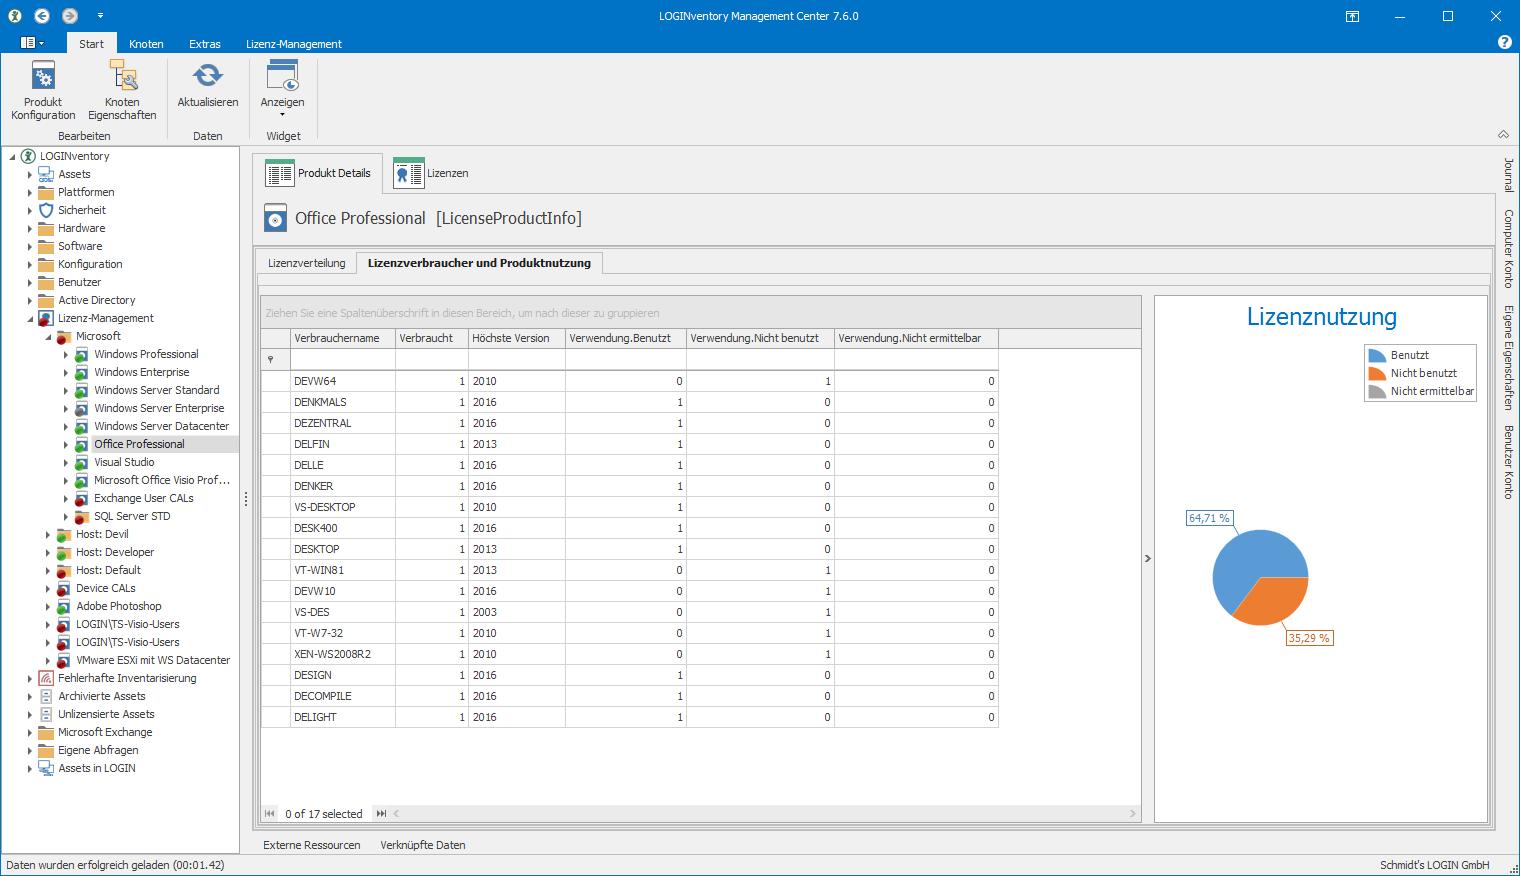 Produktnutzung am Beispiel von Windows Office